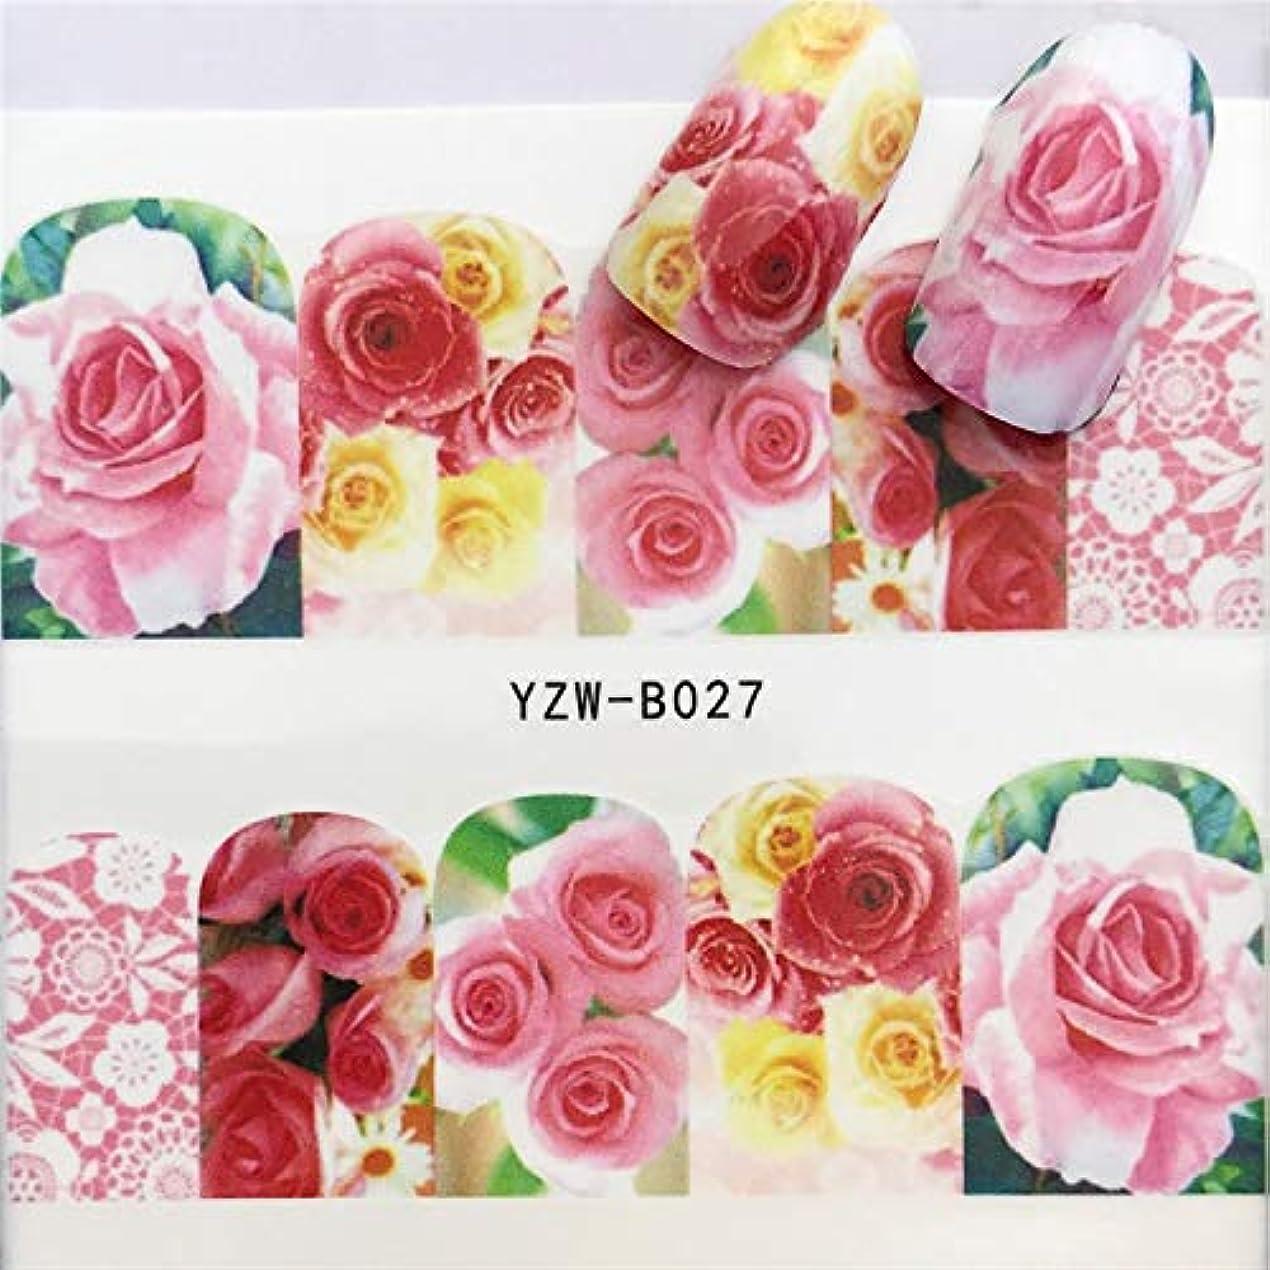 方法論気になる横に手足ビューティーケア 3個ネイルステッカーセットデカール水転写スライダーネイルアートデコレーション、色:YZWB027